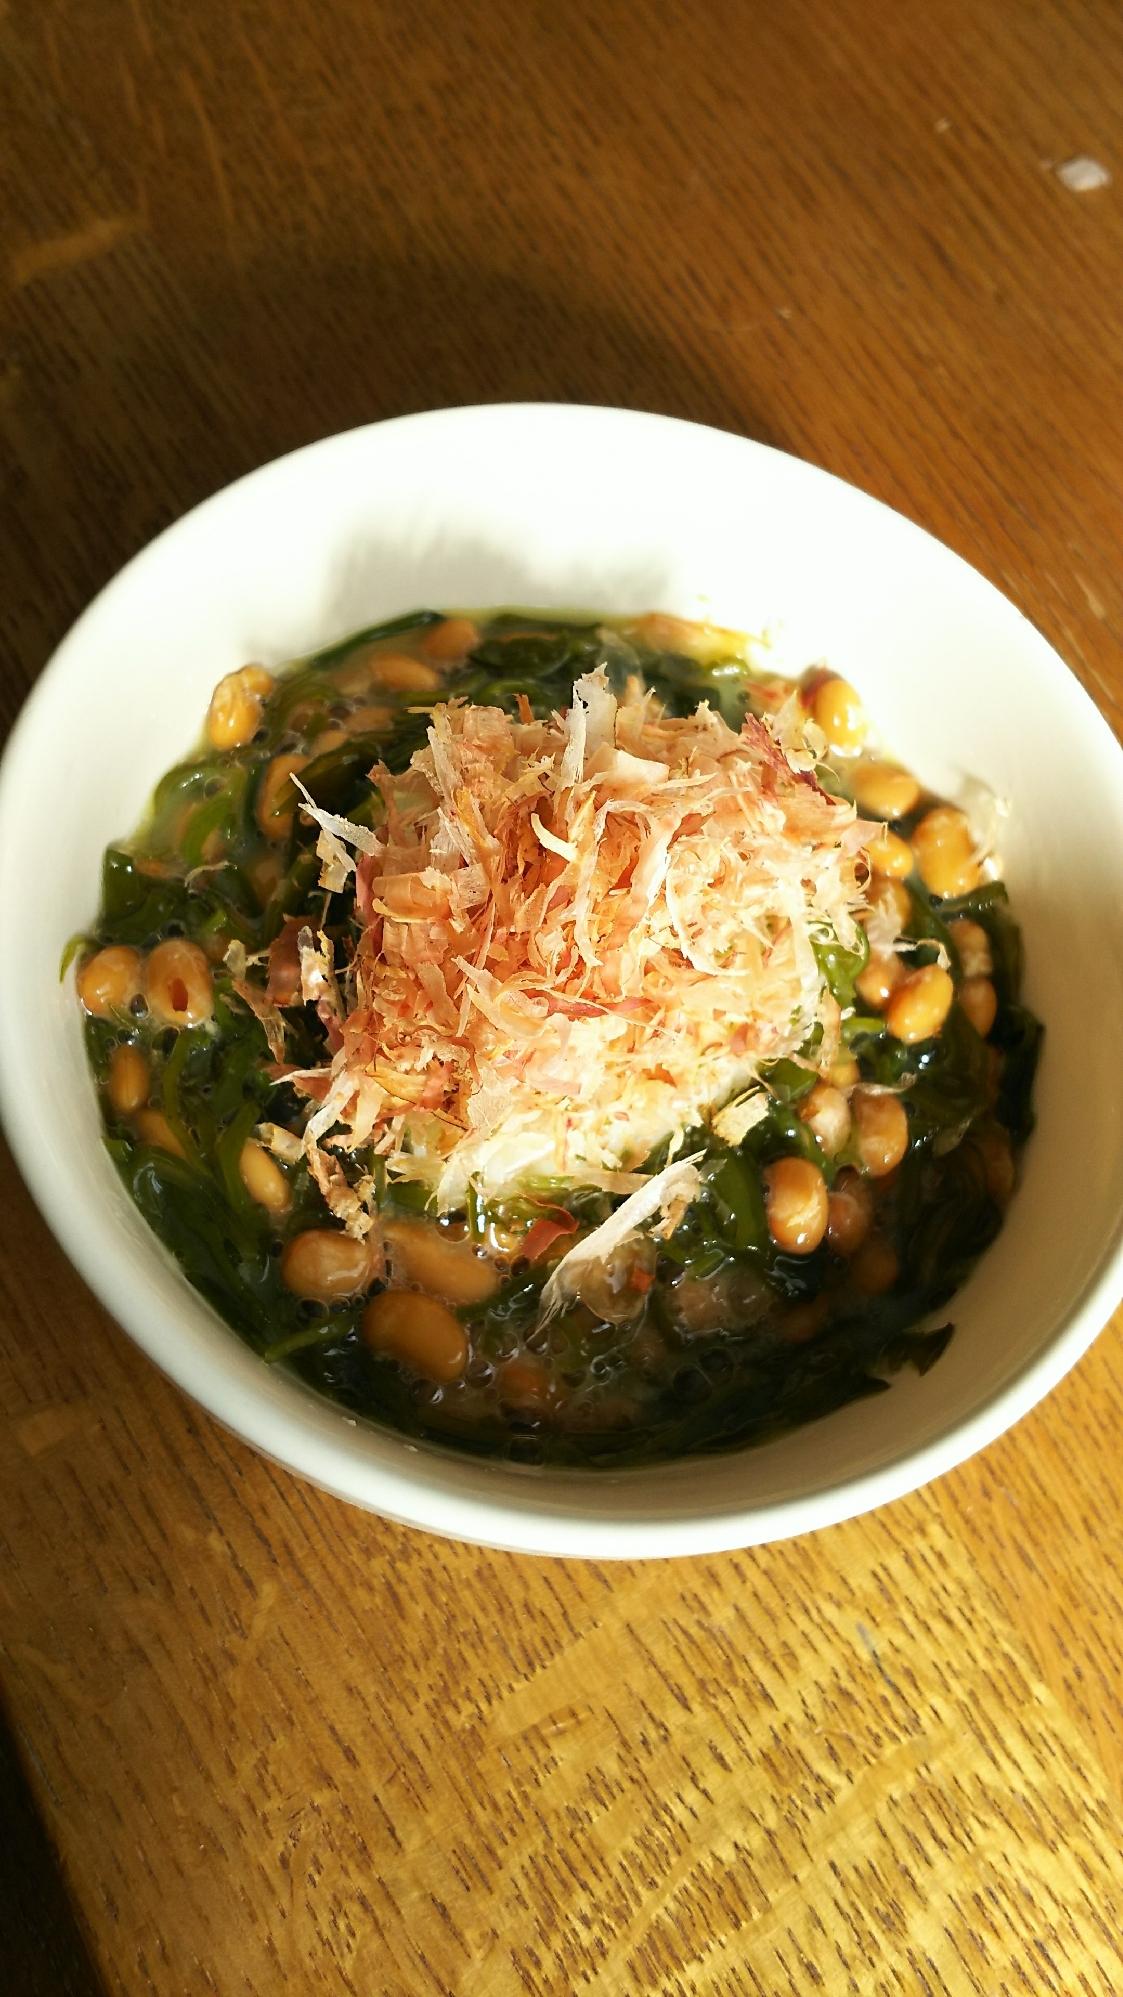 めかぶ納豆のシークワーサご飯